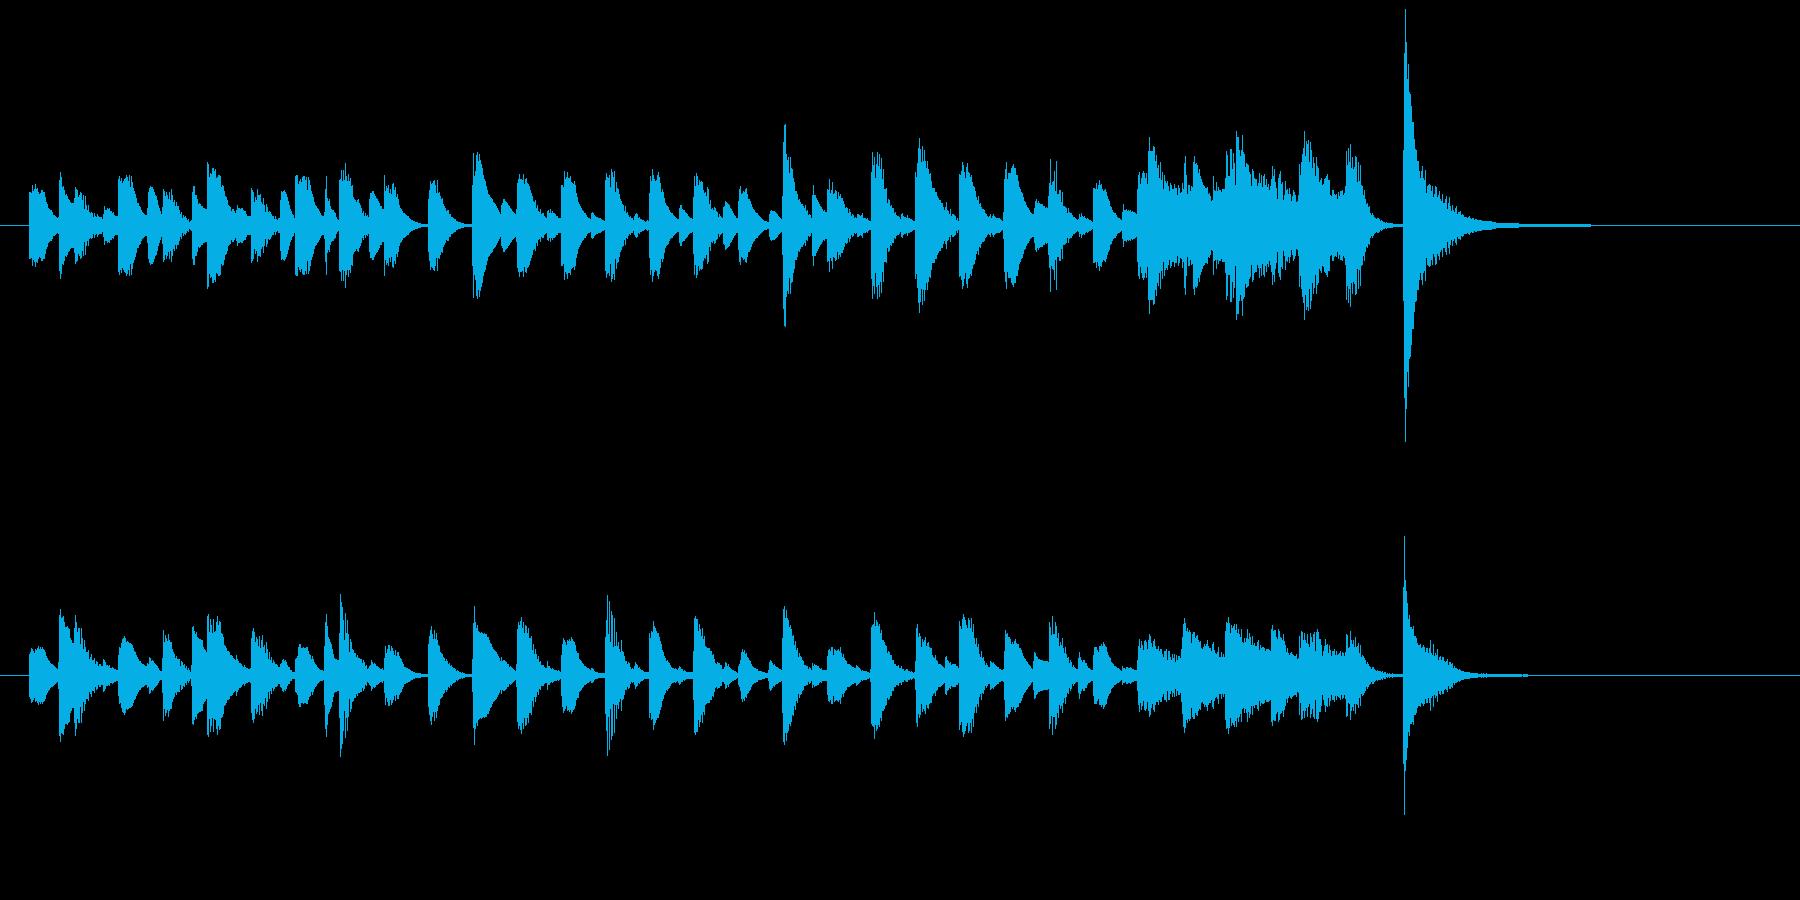 ジャズピアノ、軽快、おどけた、ジングル2の再生済みの波形